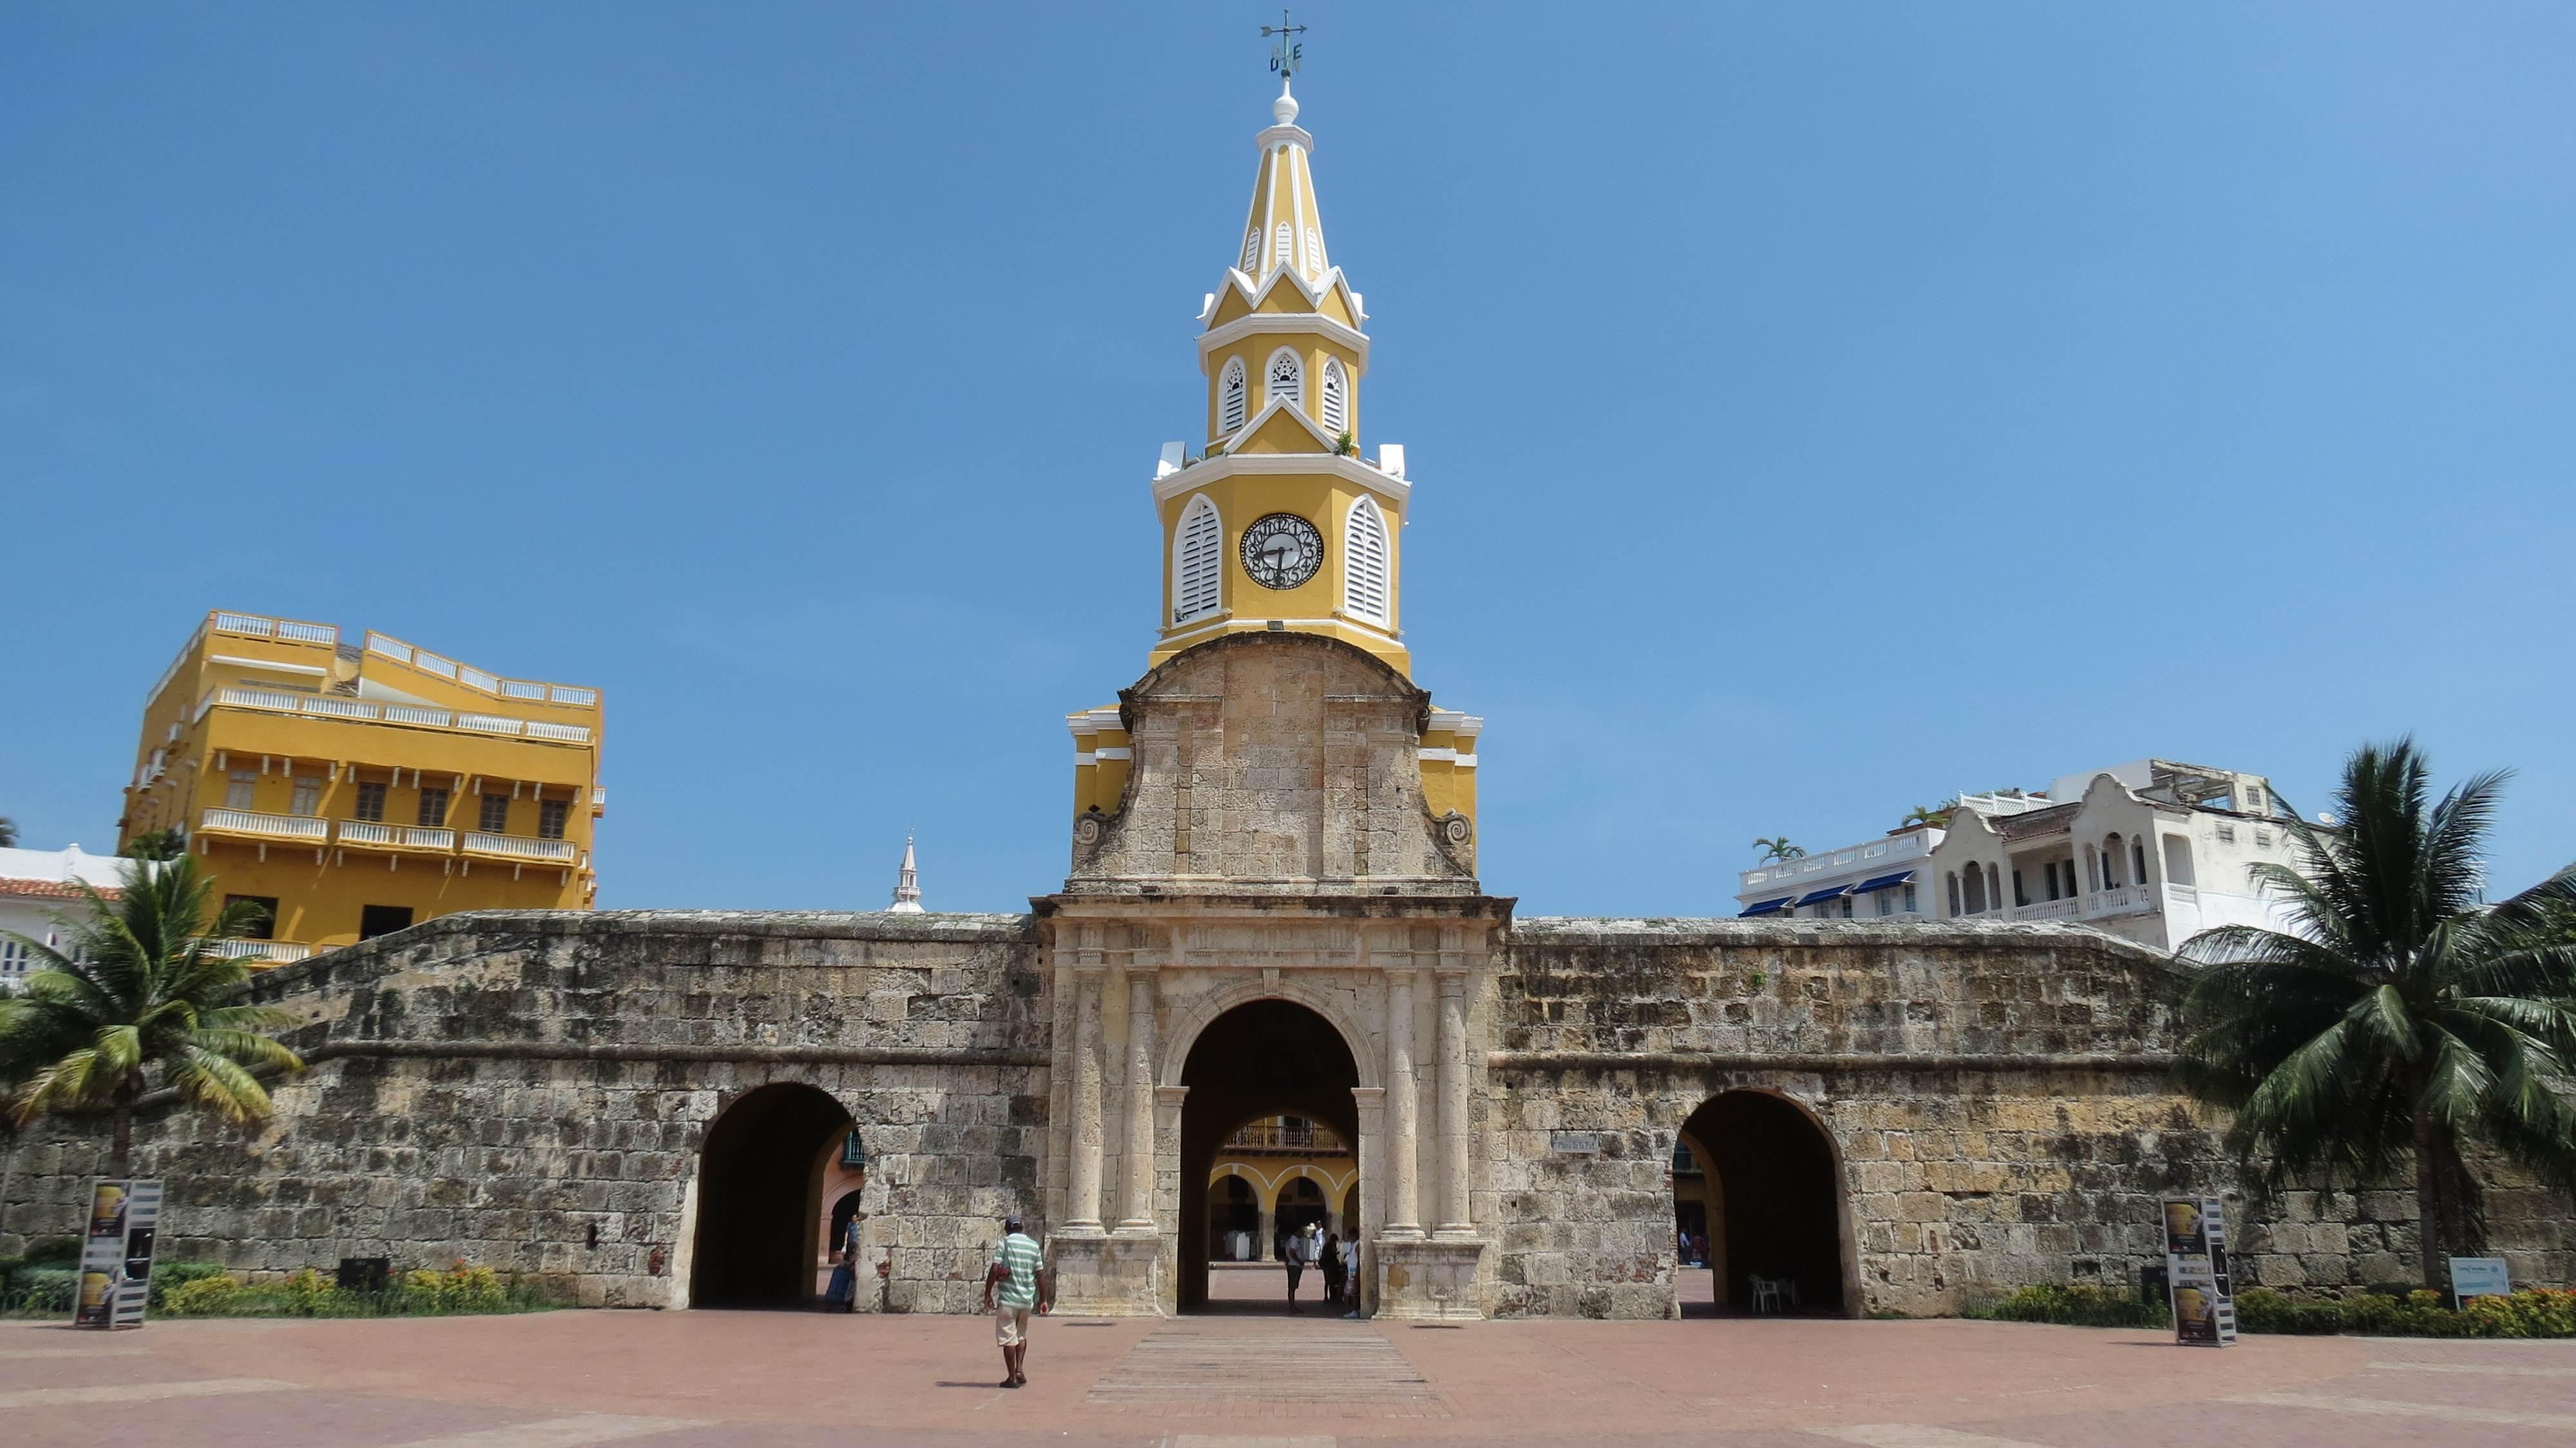 综合考察哥伦比亚的投资环境——结果是蛮不错的